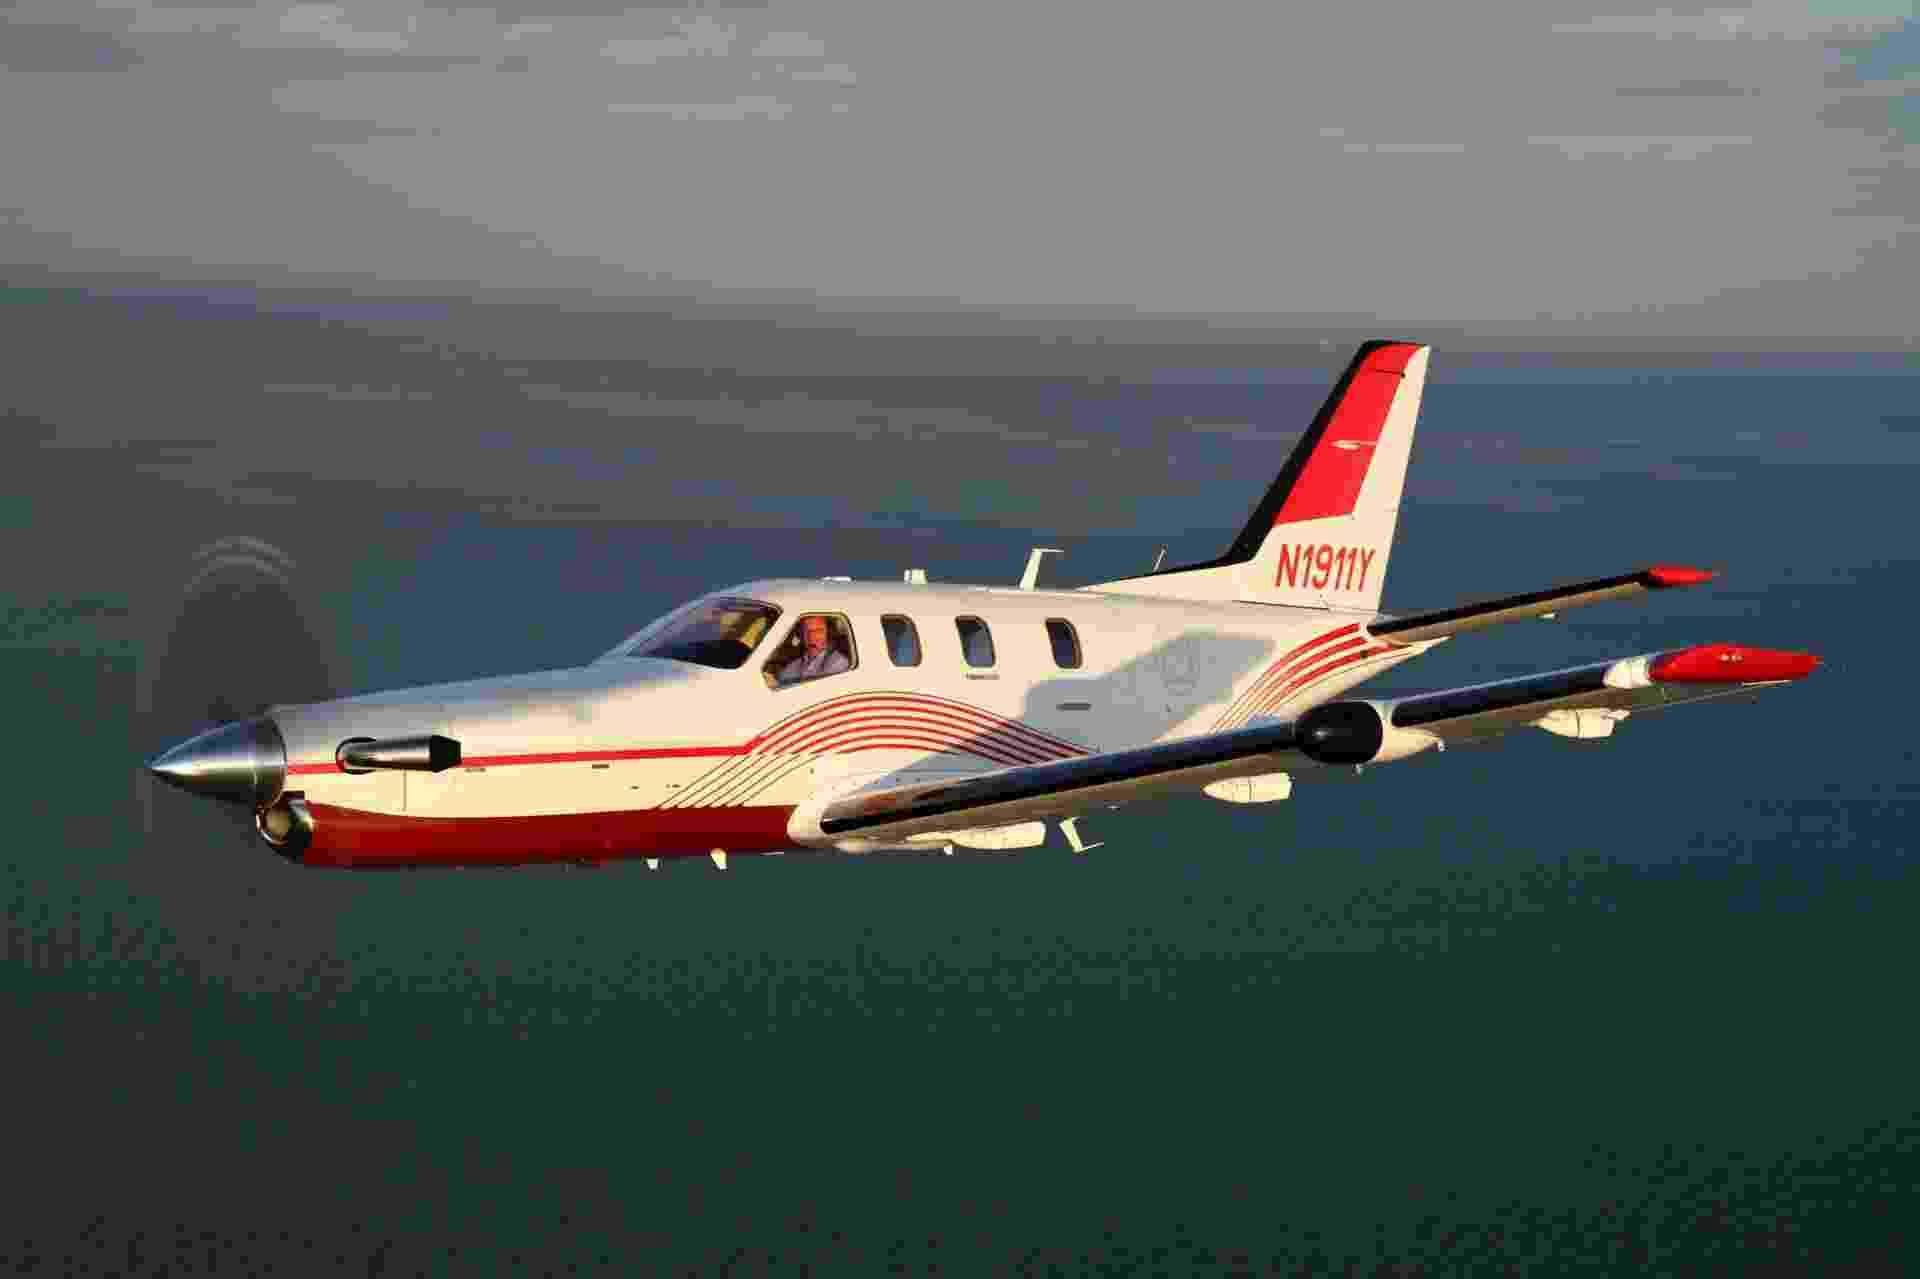 De olho em empresários do agronegócio, que representam 14% do mercado de aviação executiva do Brasil segundo a Abag (Associação Brasileira de Aviação Geral), a empresa Algar Aviation lançou em agosto um modelo de negócio no qual garante a compra do valor em soja de um monomotor turboélice TBM 850 (na foto) da Daher-Socata de produtores que comprarem o avião - Divulgação/Algar Aviation